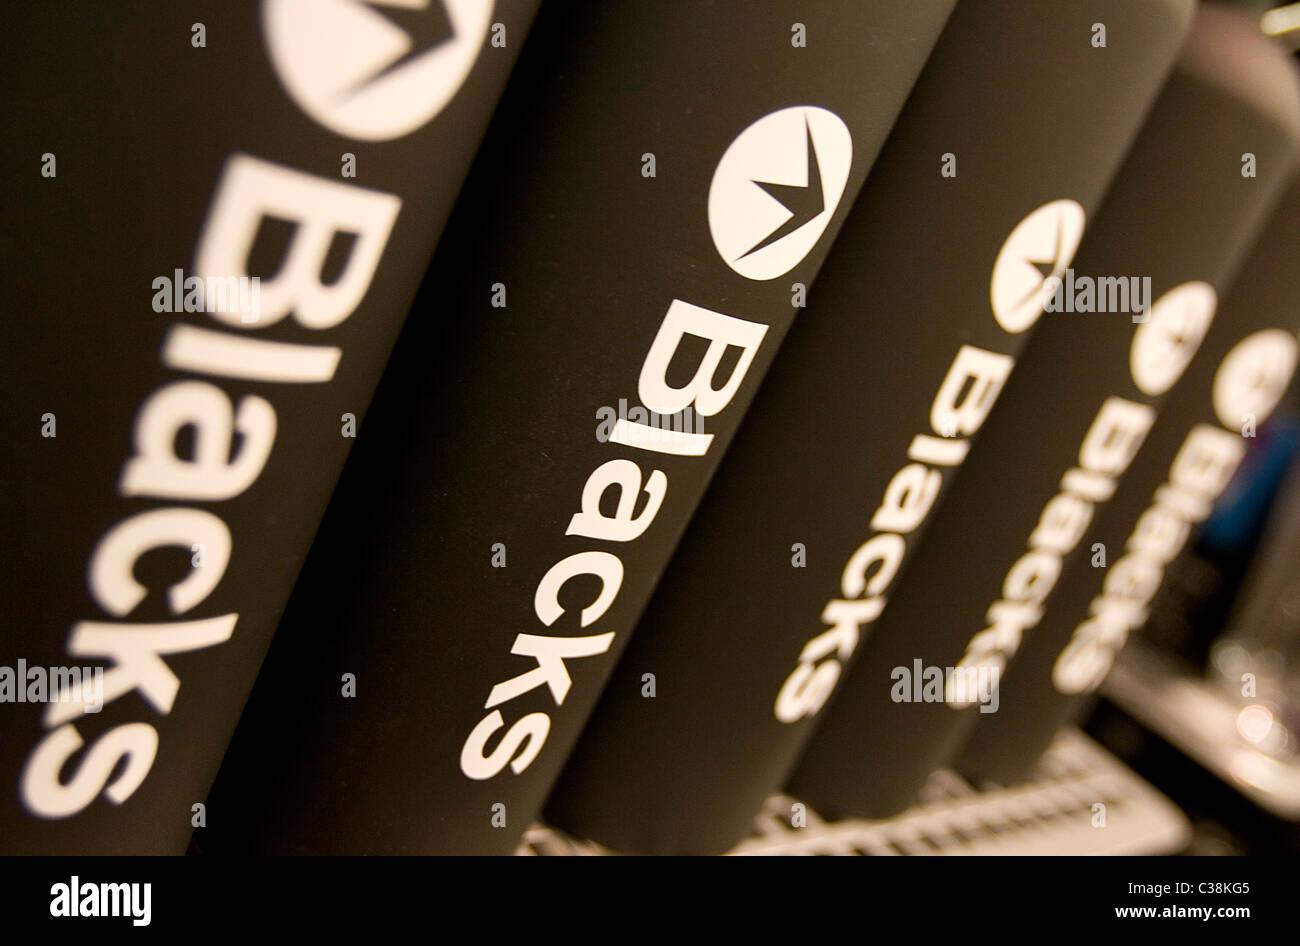 Imagen ilustrativa de una rama de los negros Leisure Group, en Londres. Imagen De Stock